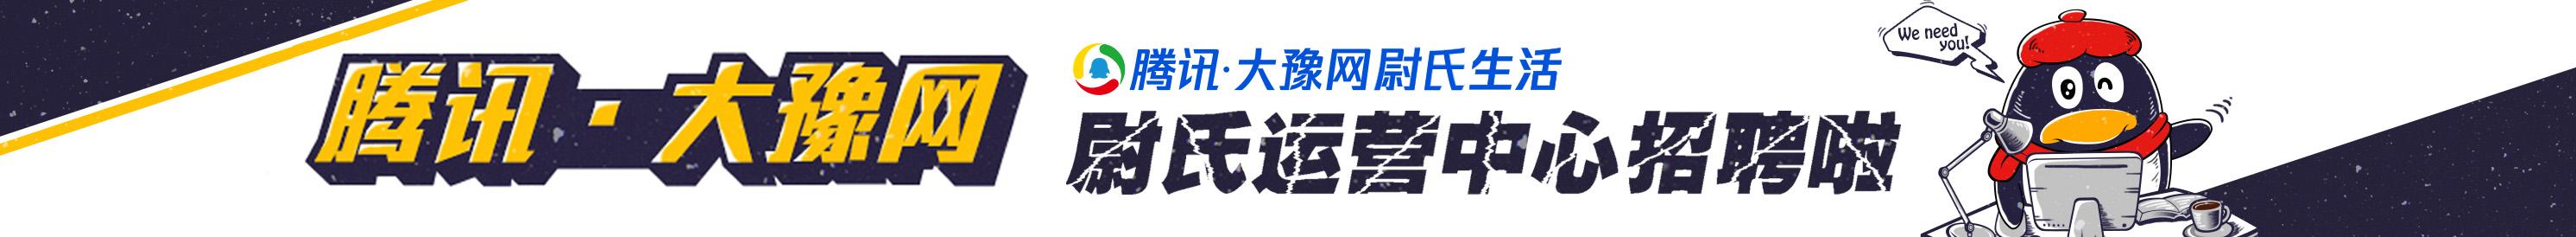 大豫网尉氏生活招聘网站编辑 / 市场推广员 / 前台文员